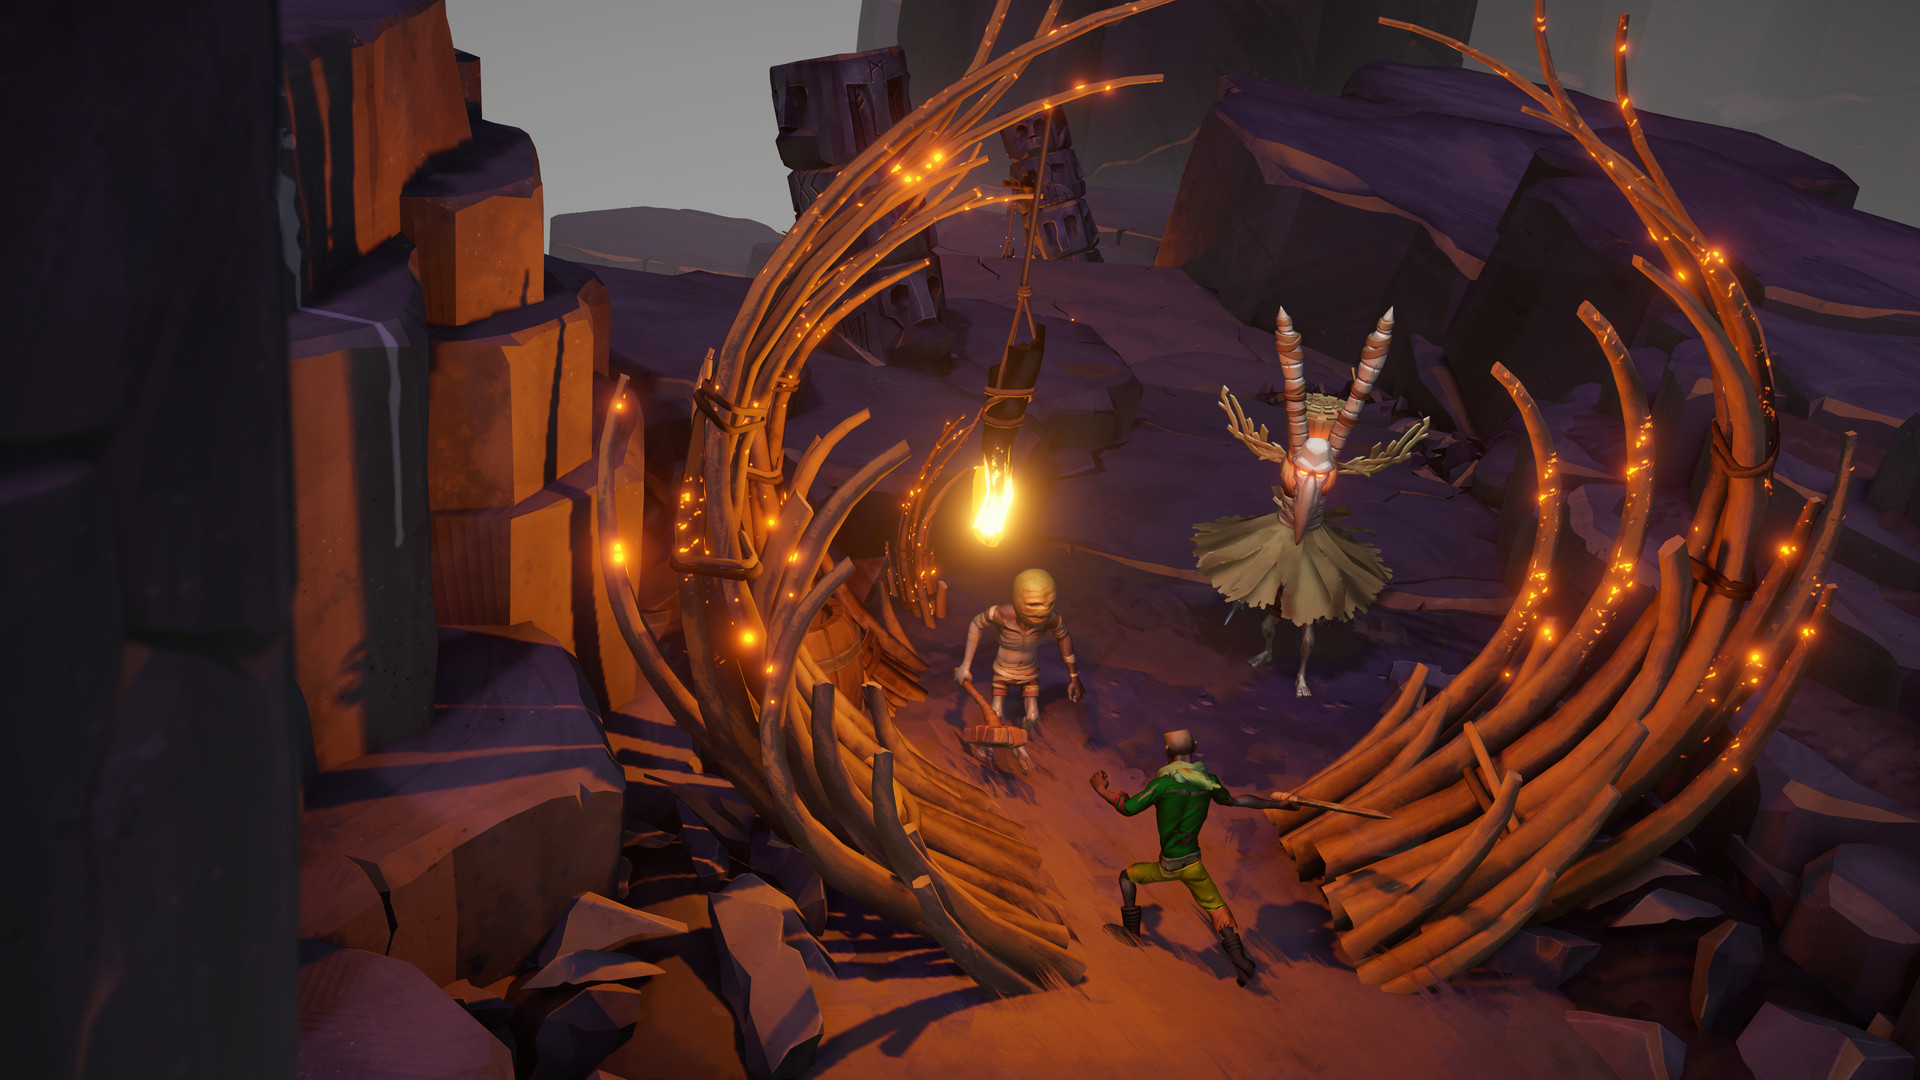 人类合力对抗神明 《征服诸神》公开玩法预告视频